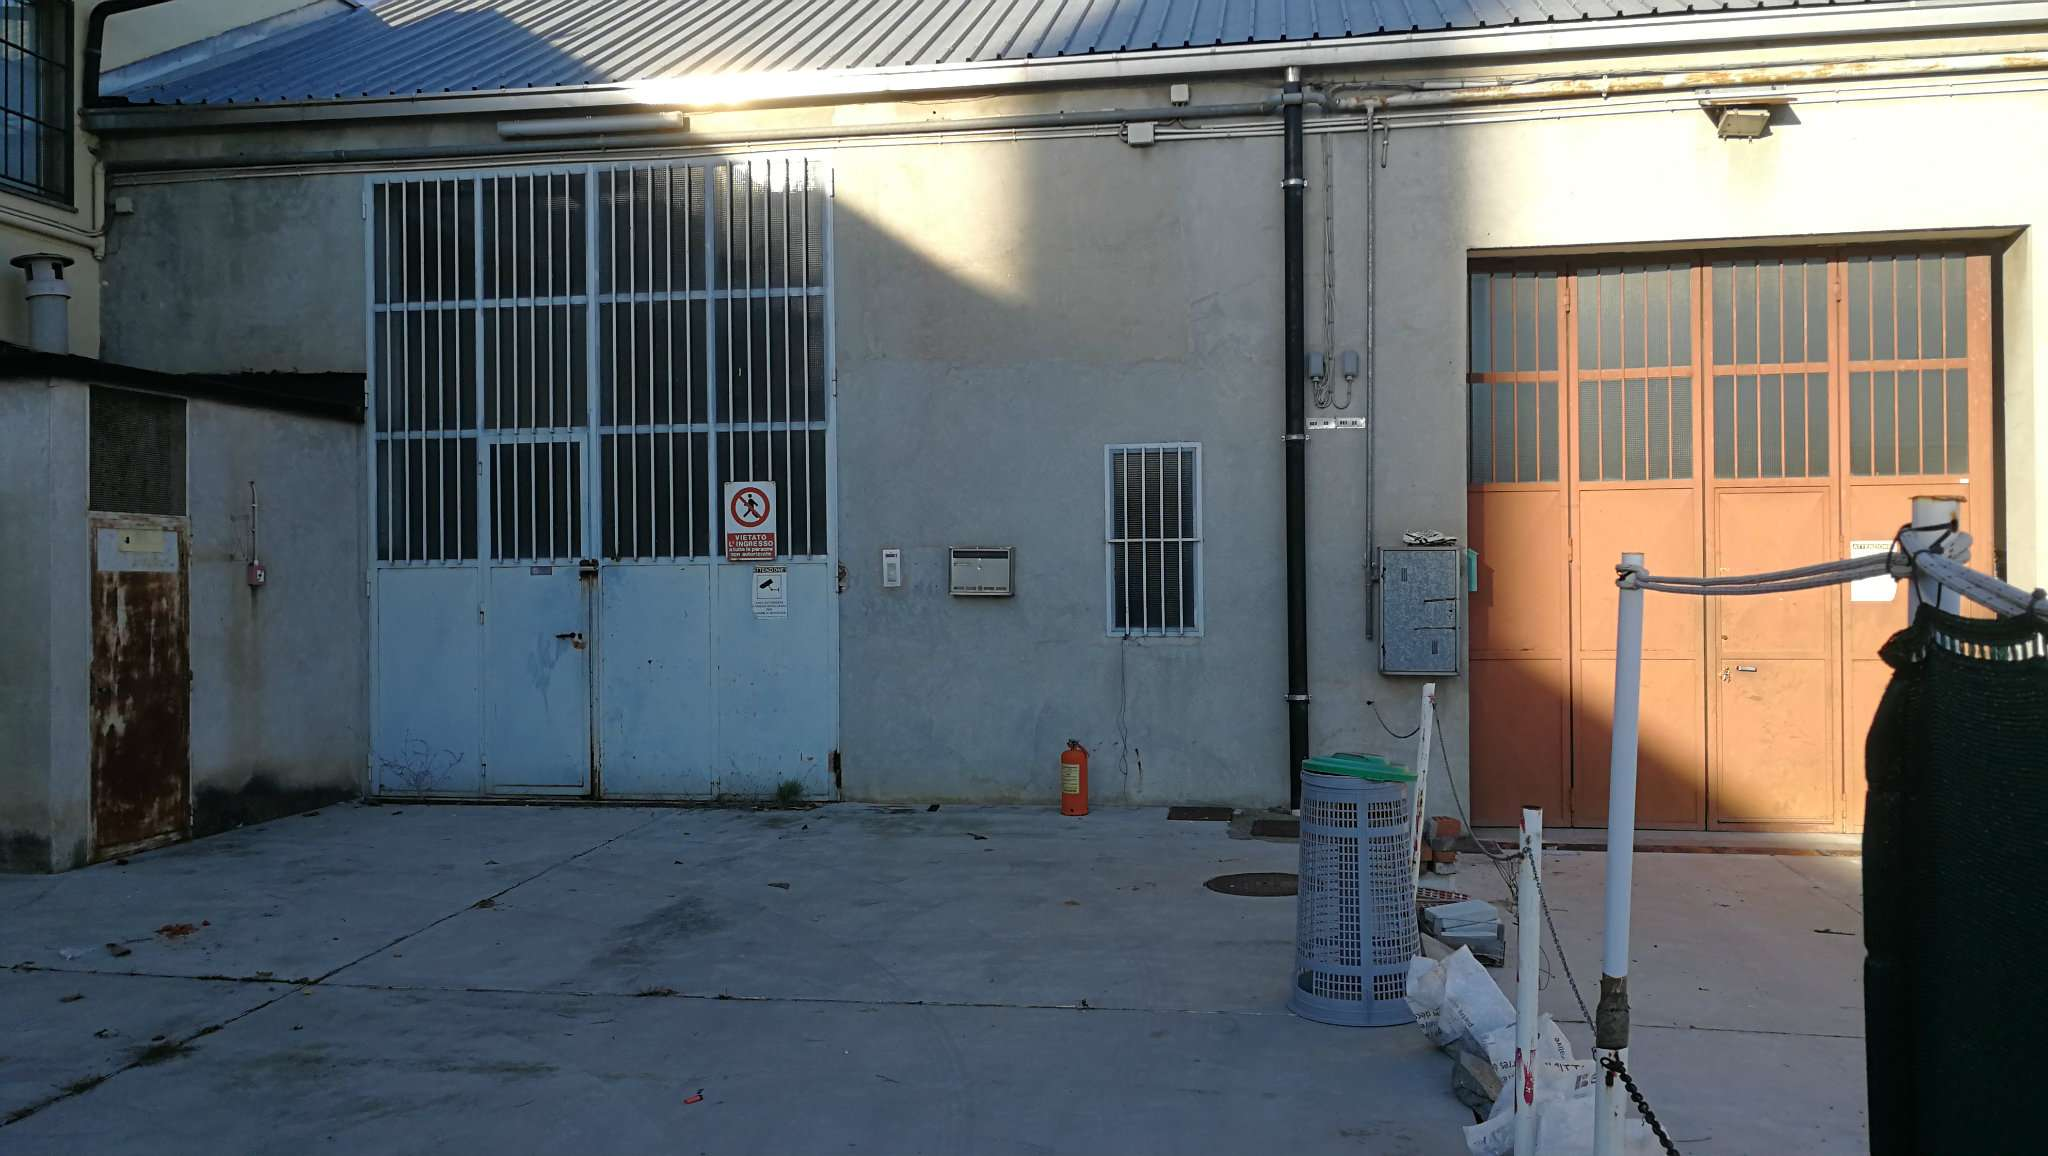 Immagine immobiliare CAPANNONE 400 MQ GRULIASCO Capannone a Grugliasco comodissimo alla tangenziale composto da: area produttiva di 400mq circa con altezza interna 4.15m, impianto elettrico, predisposizione impianto di riscaldamento a metano, accesso carraio...